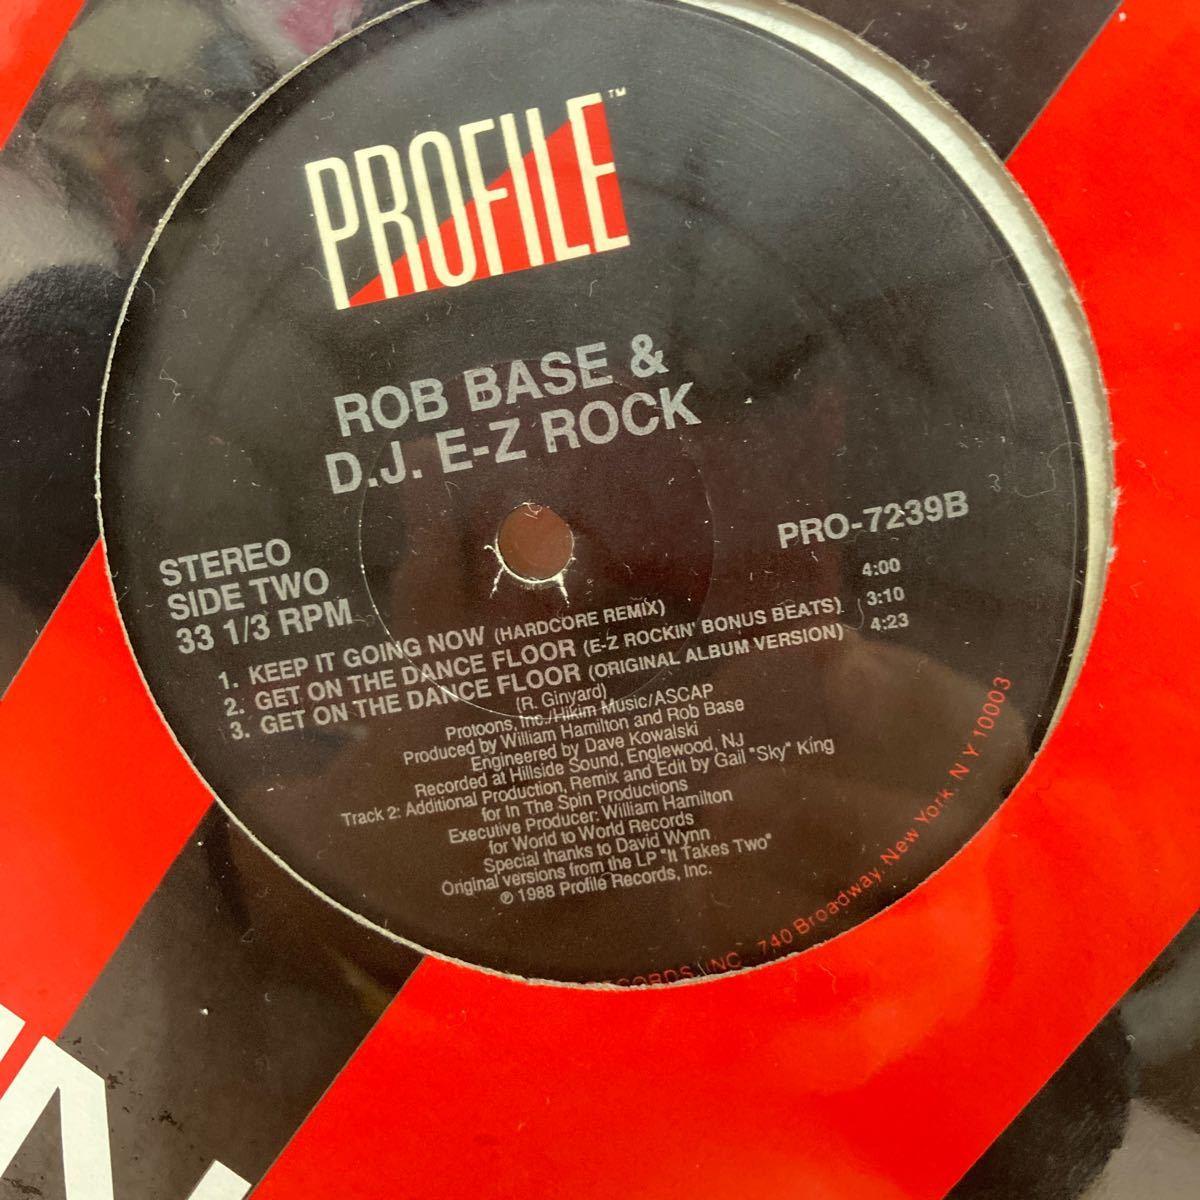 ROB BASE & D.J.E-Z ROCK